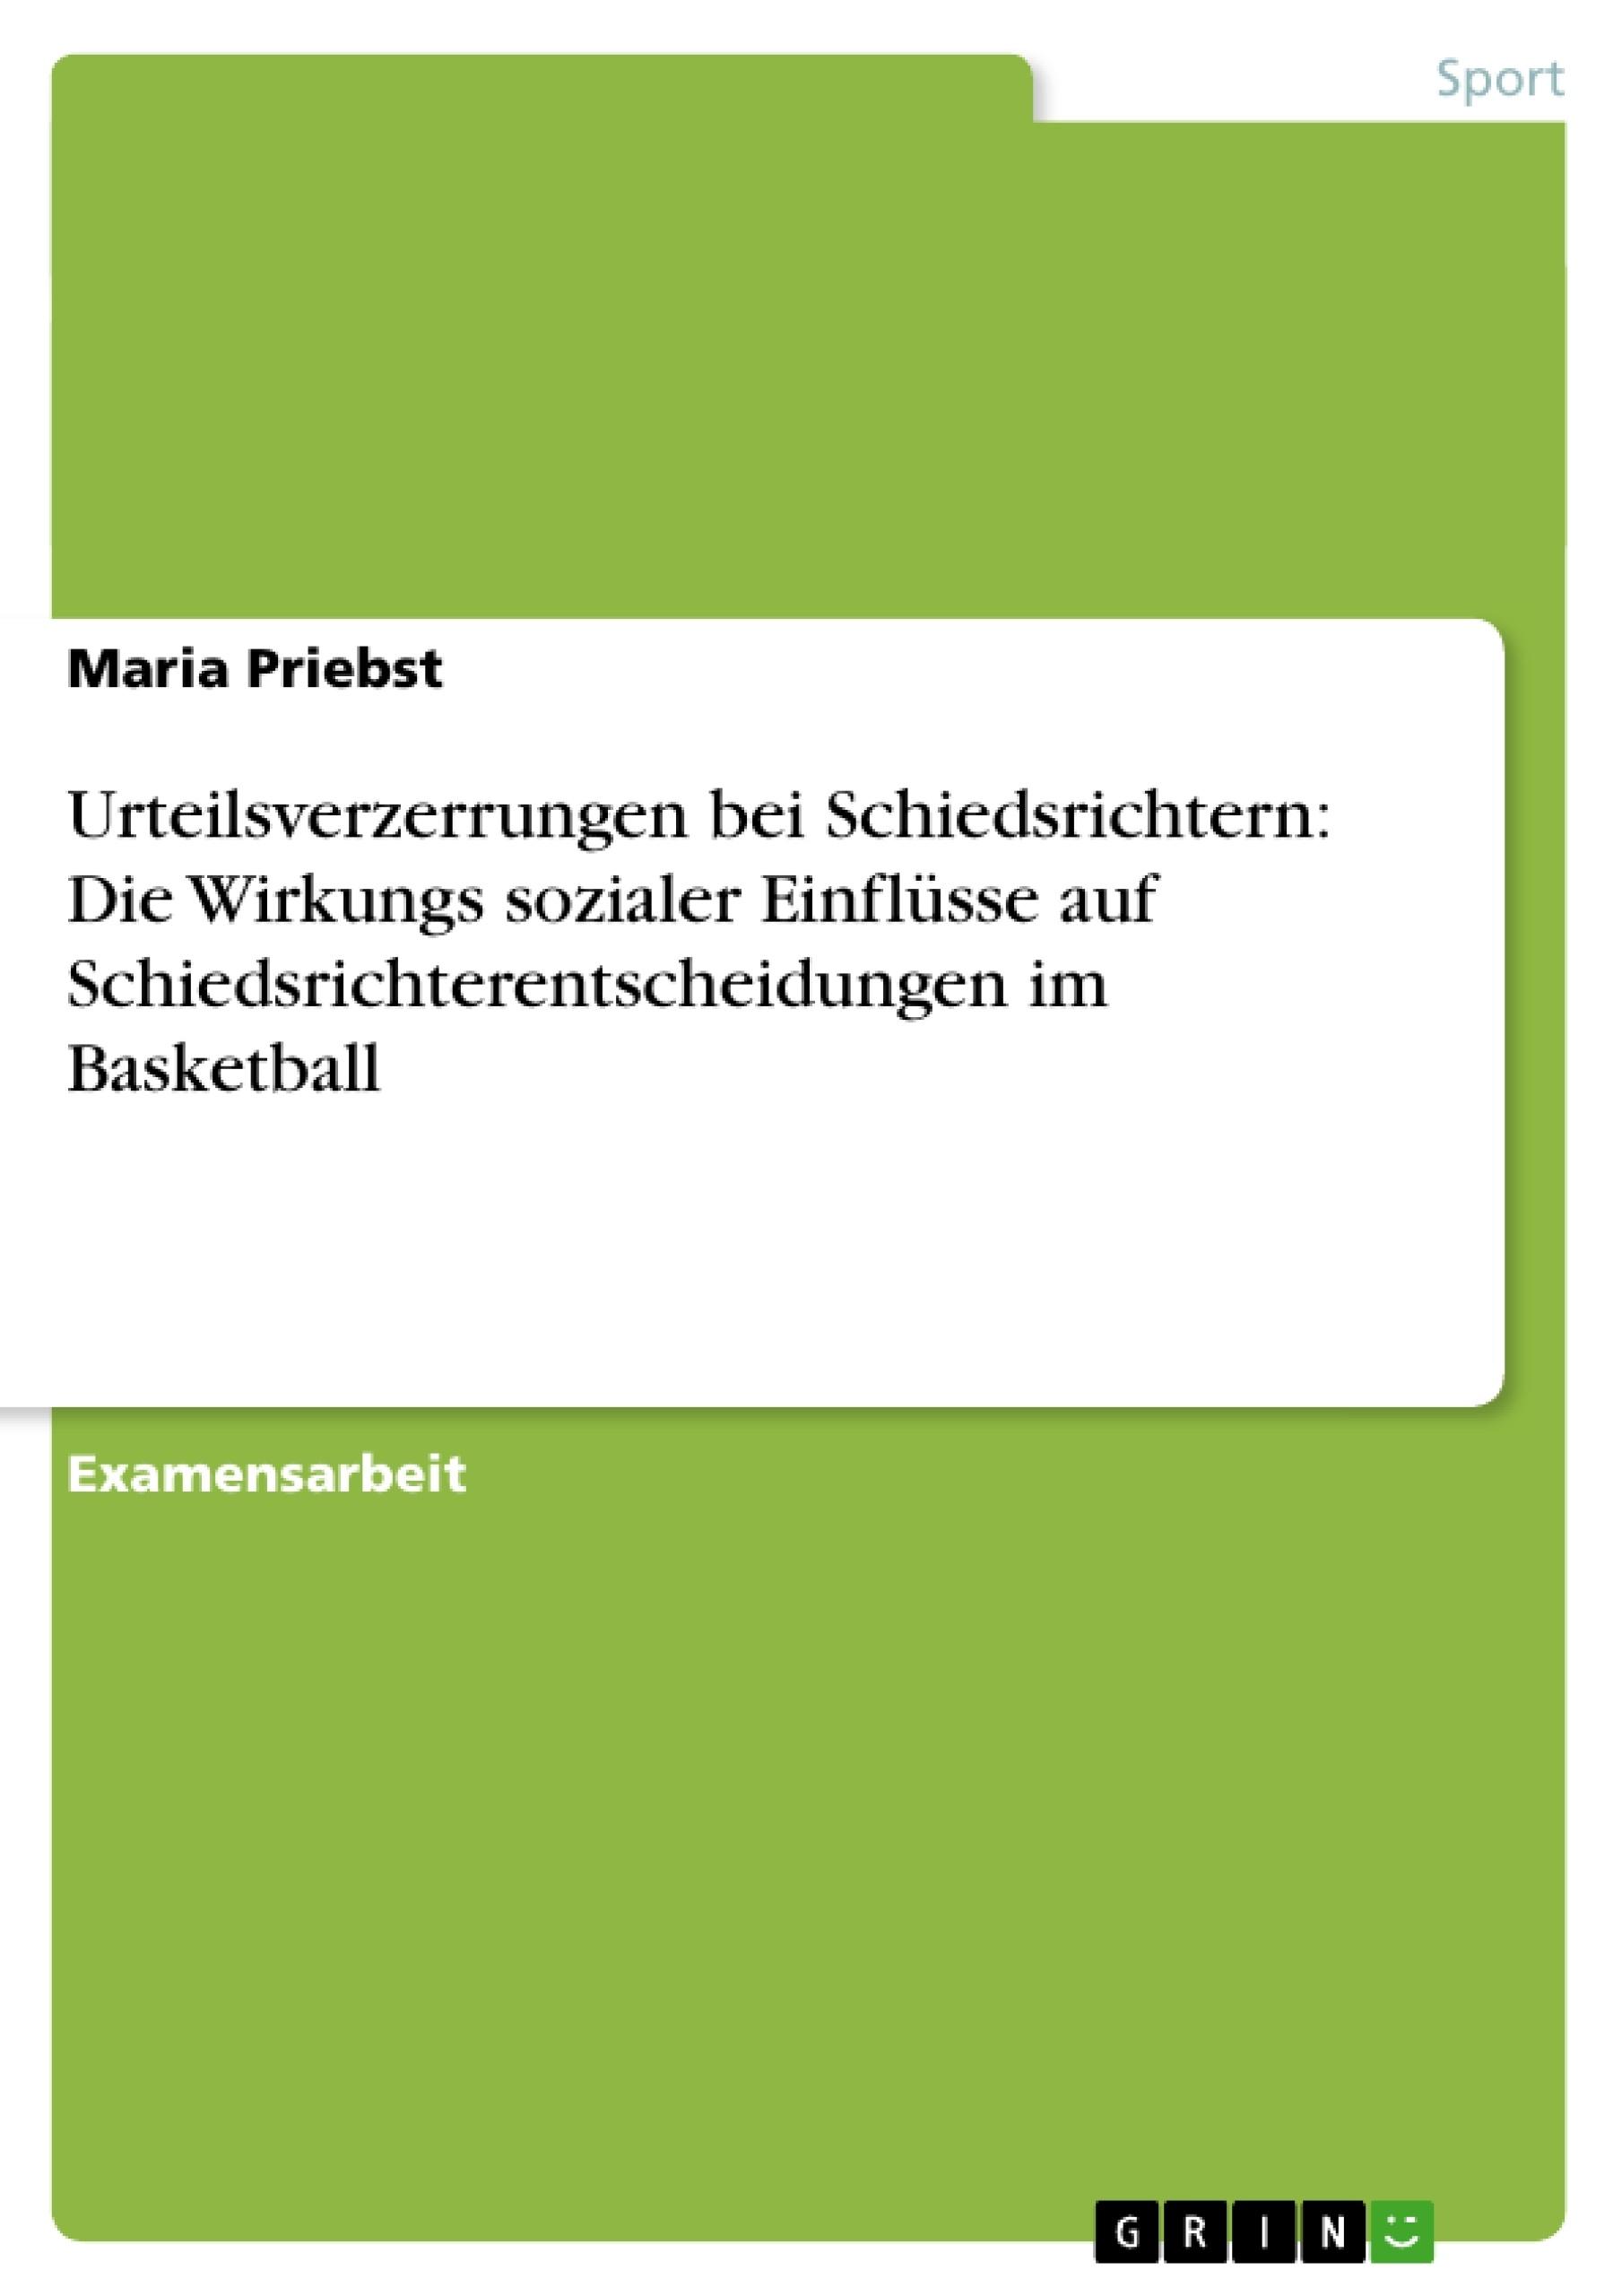 Titel: Urteilsverzerrungen bei Schiedsrichtern: Die Wirkungs sozialer Einflüsse auf Schiedsrichterentscheidungen im Basketball